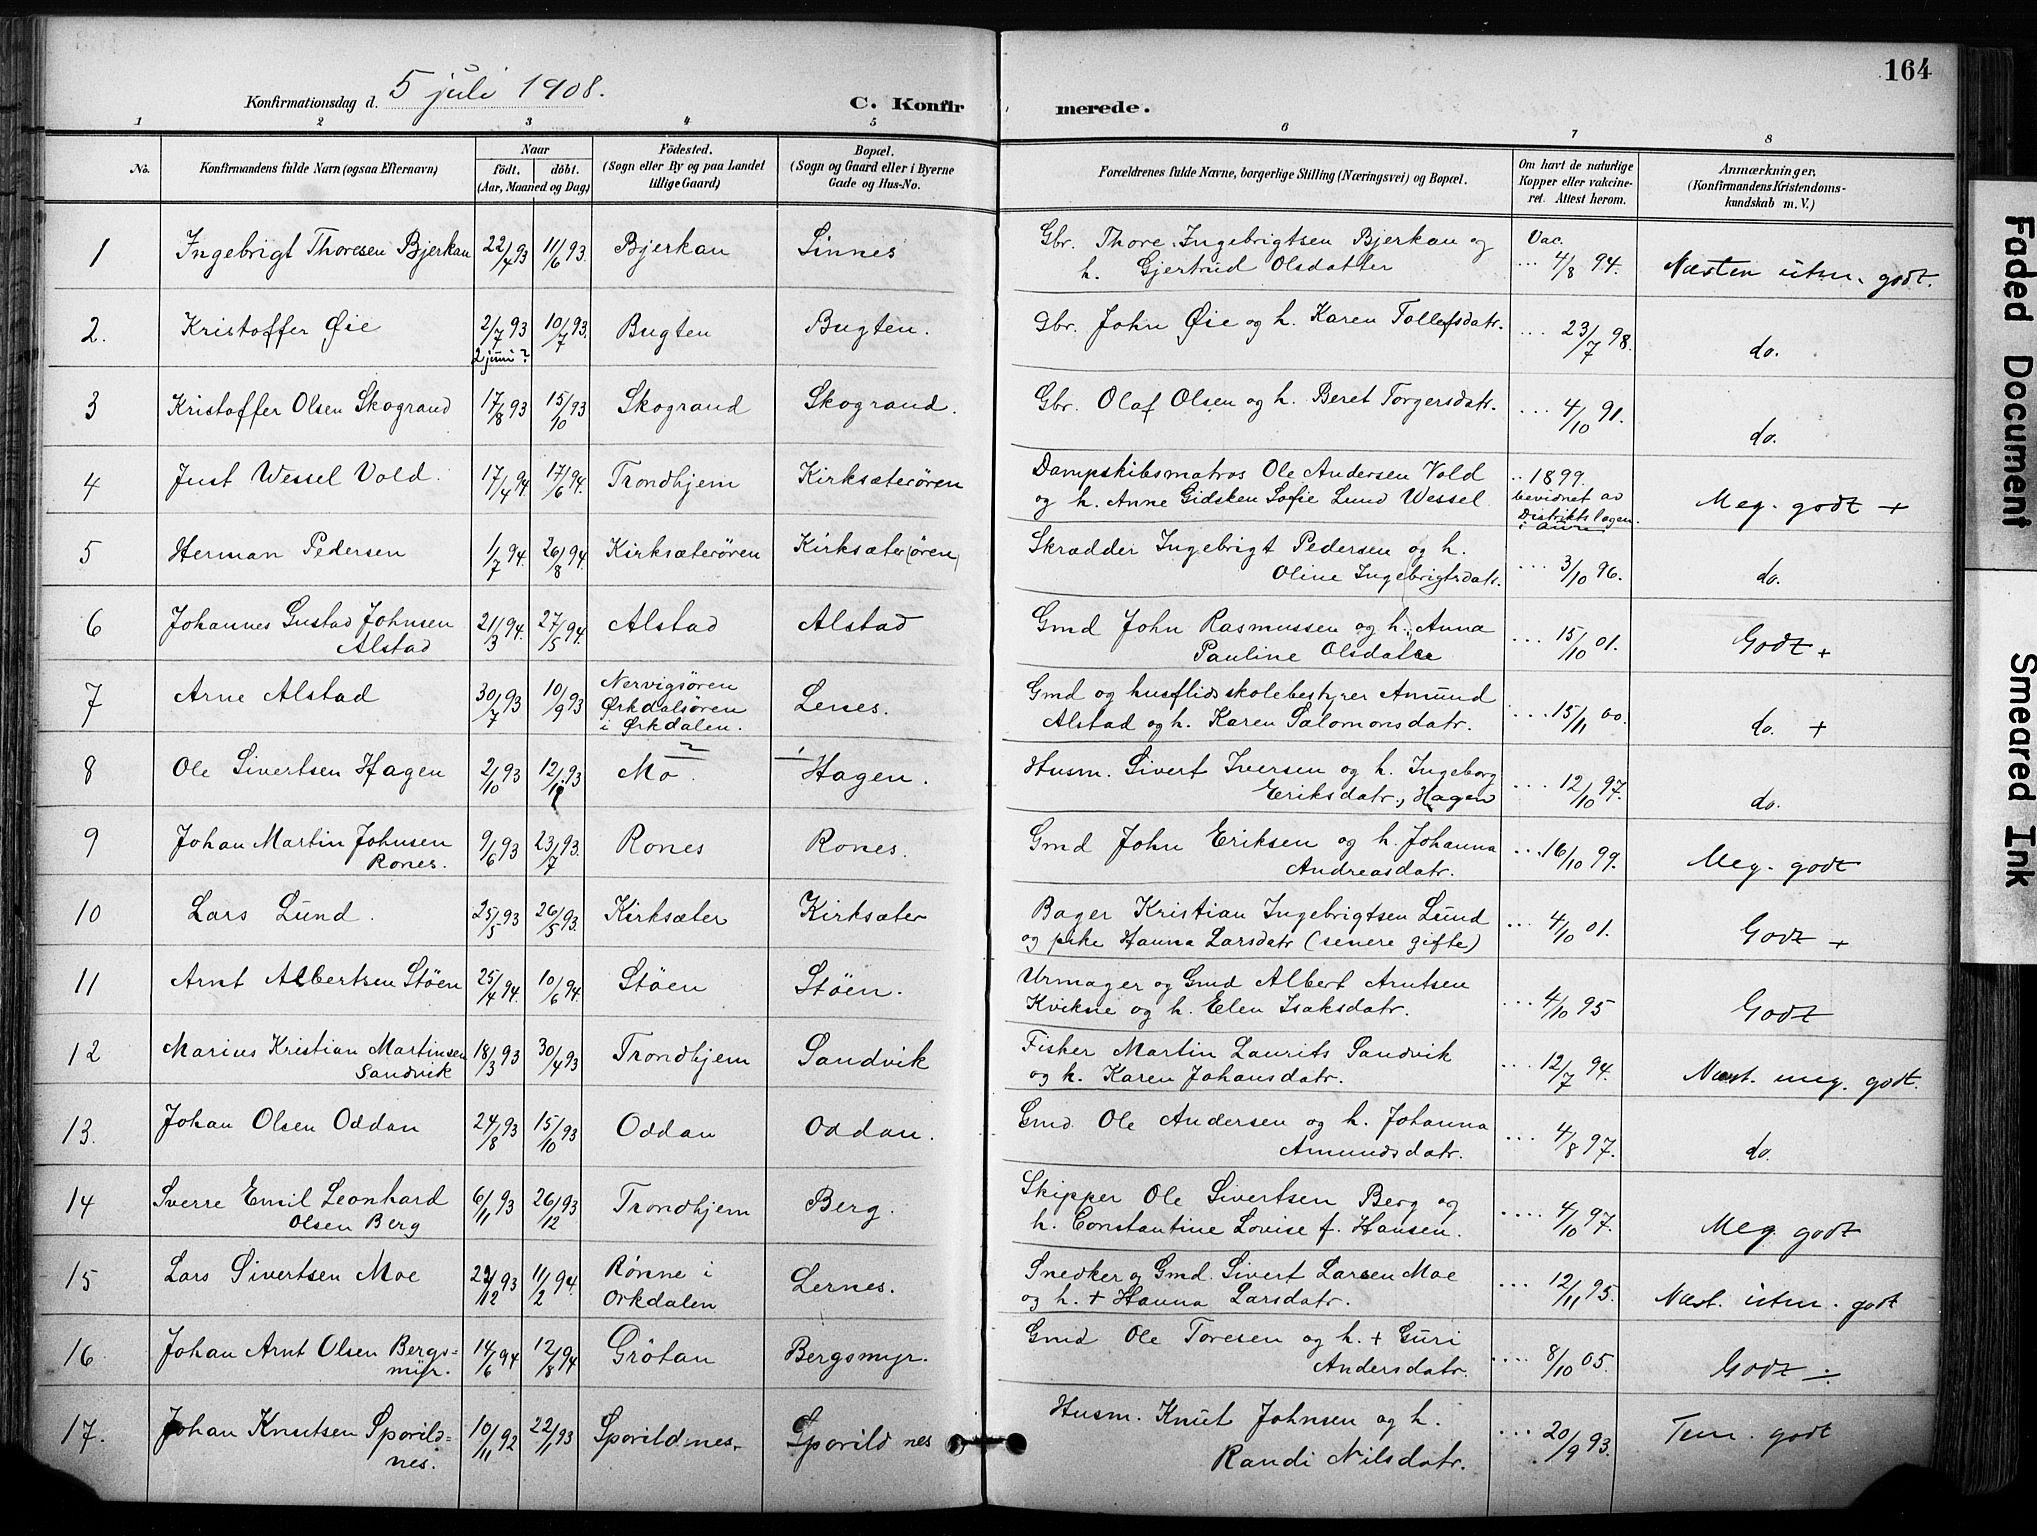 SAT, Ministerialprotokoller, klokkerbøker og fødselsregistre - Sør-Trøndelag, 630/L0497: Ministerialbok nr. 630A10, 1896-1910, s. 164